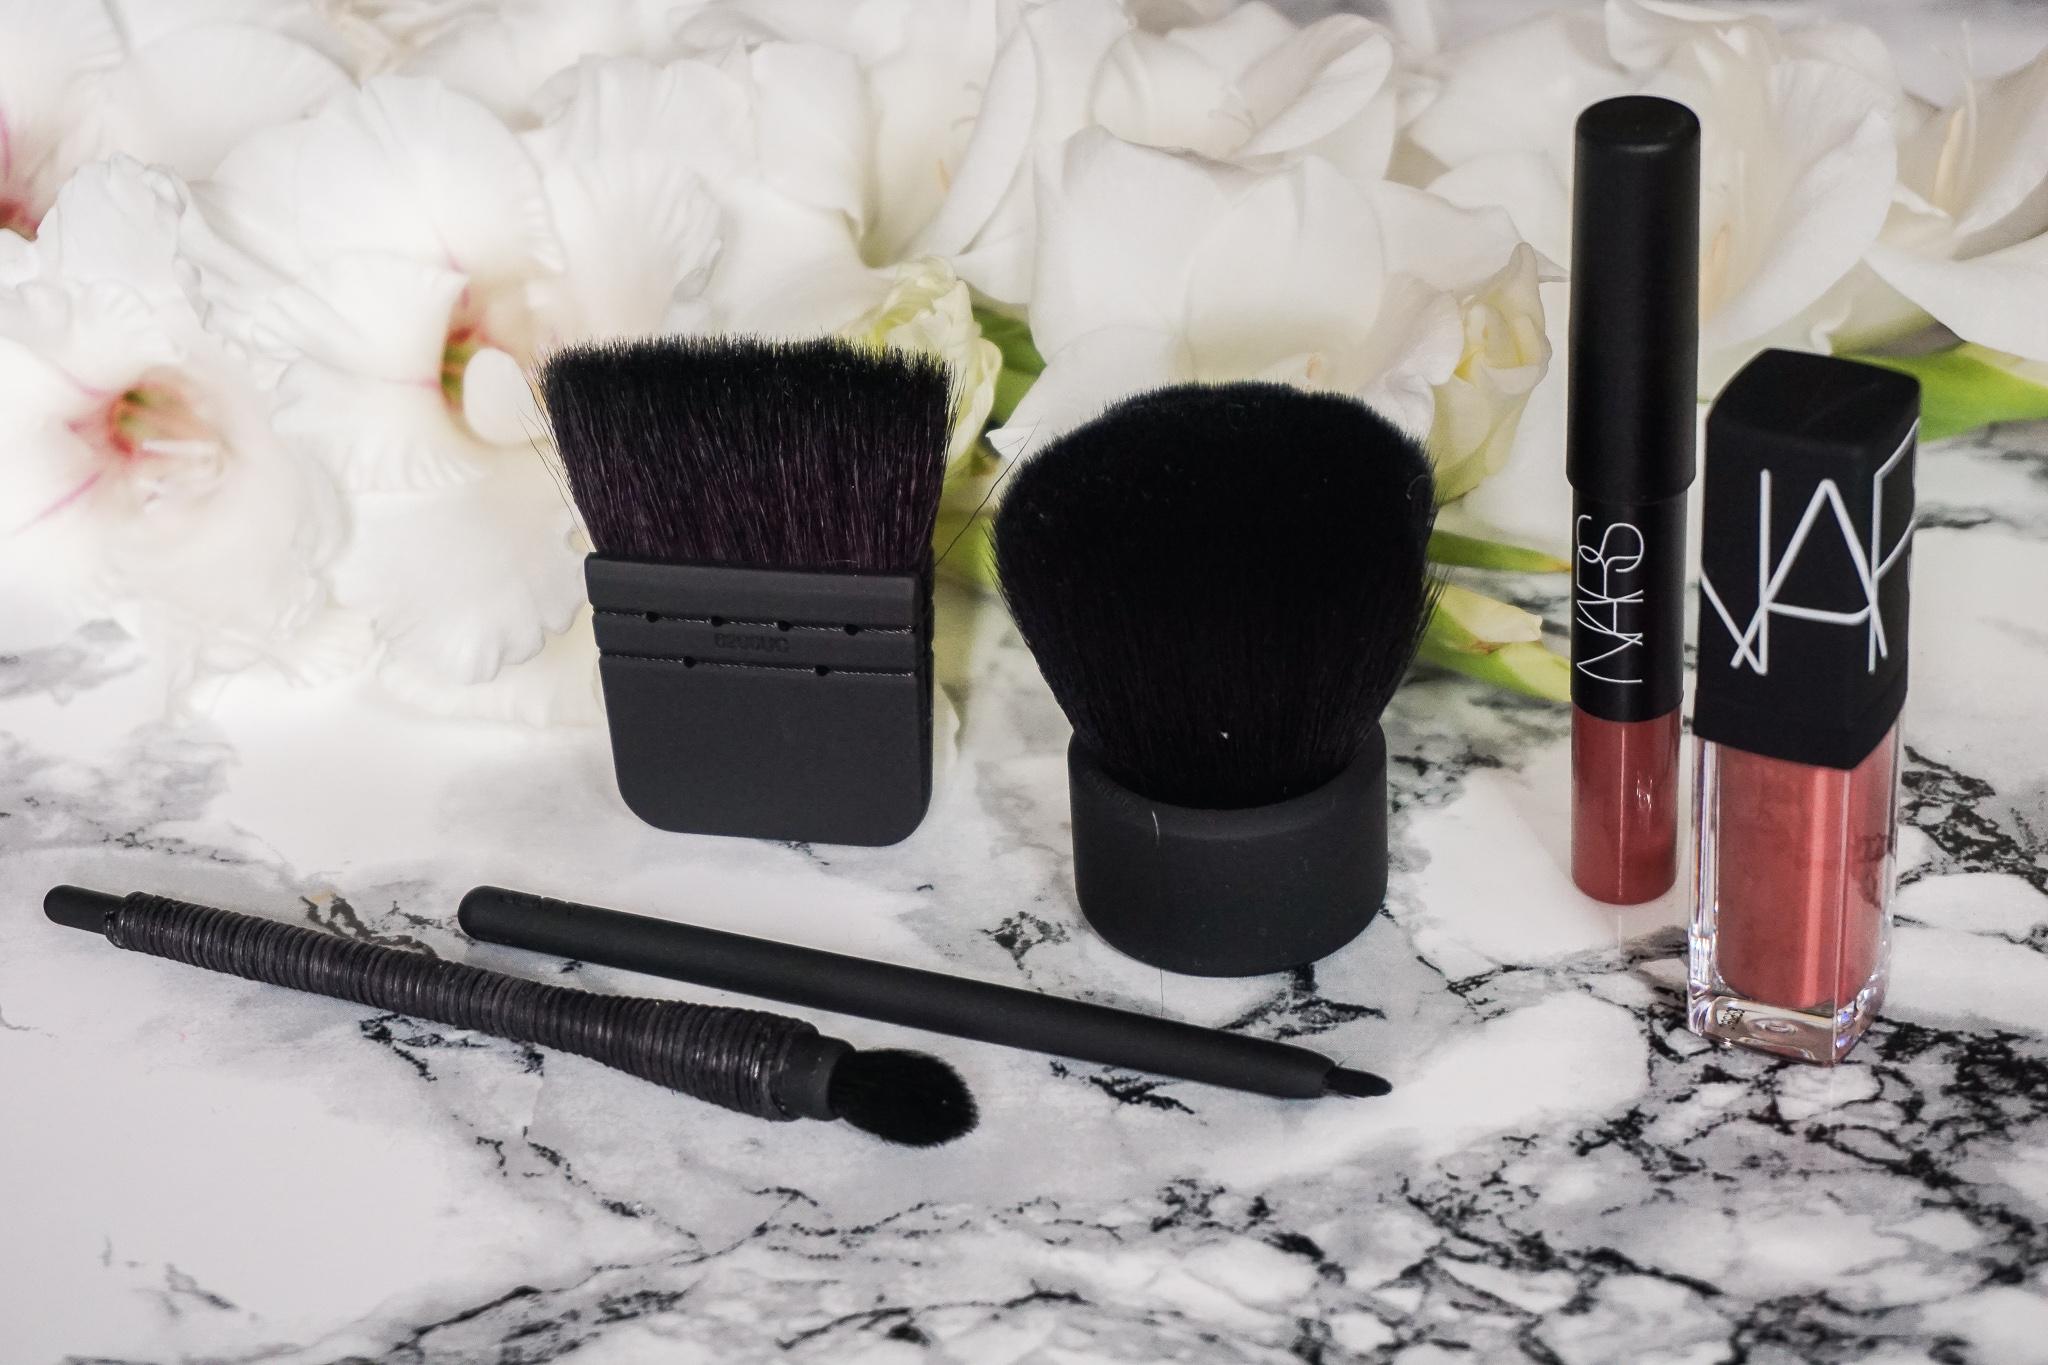 NARS Makeup